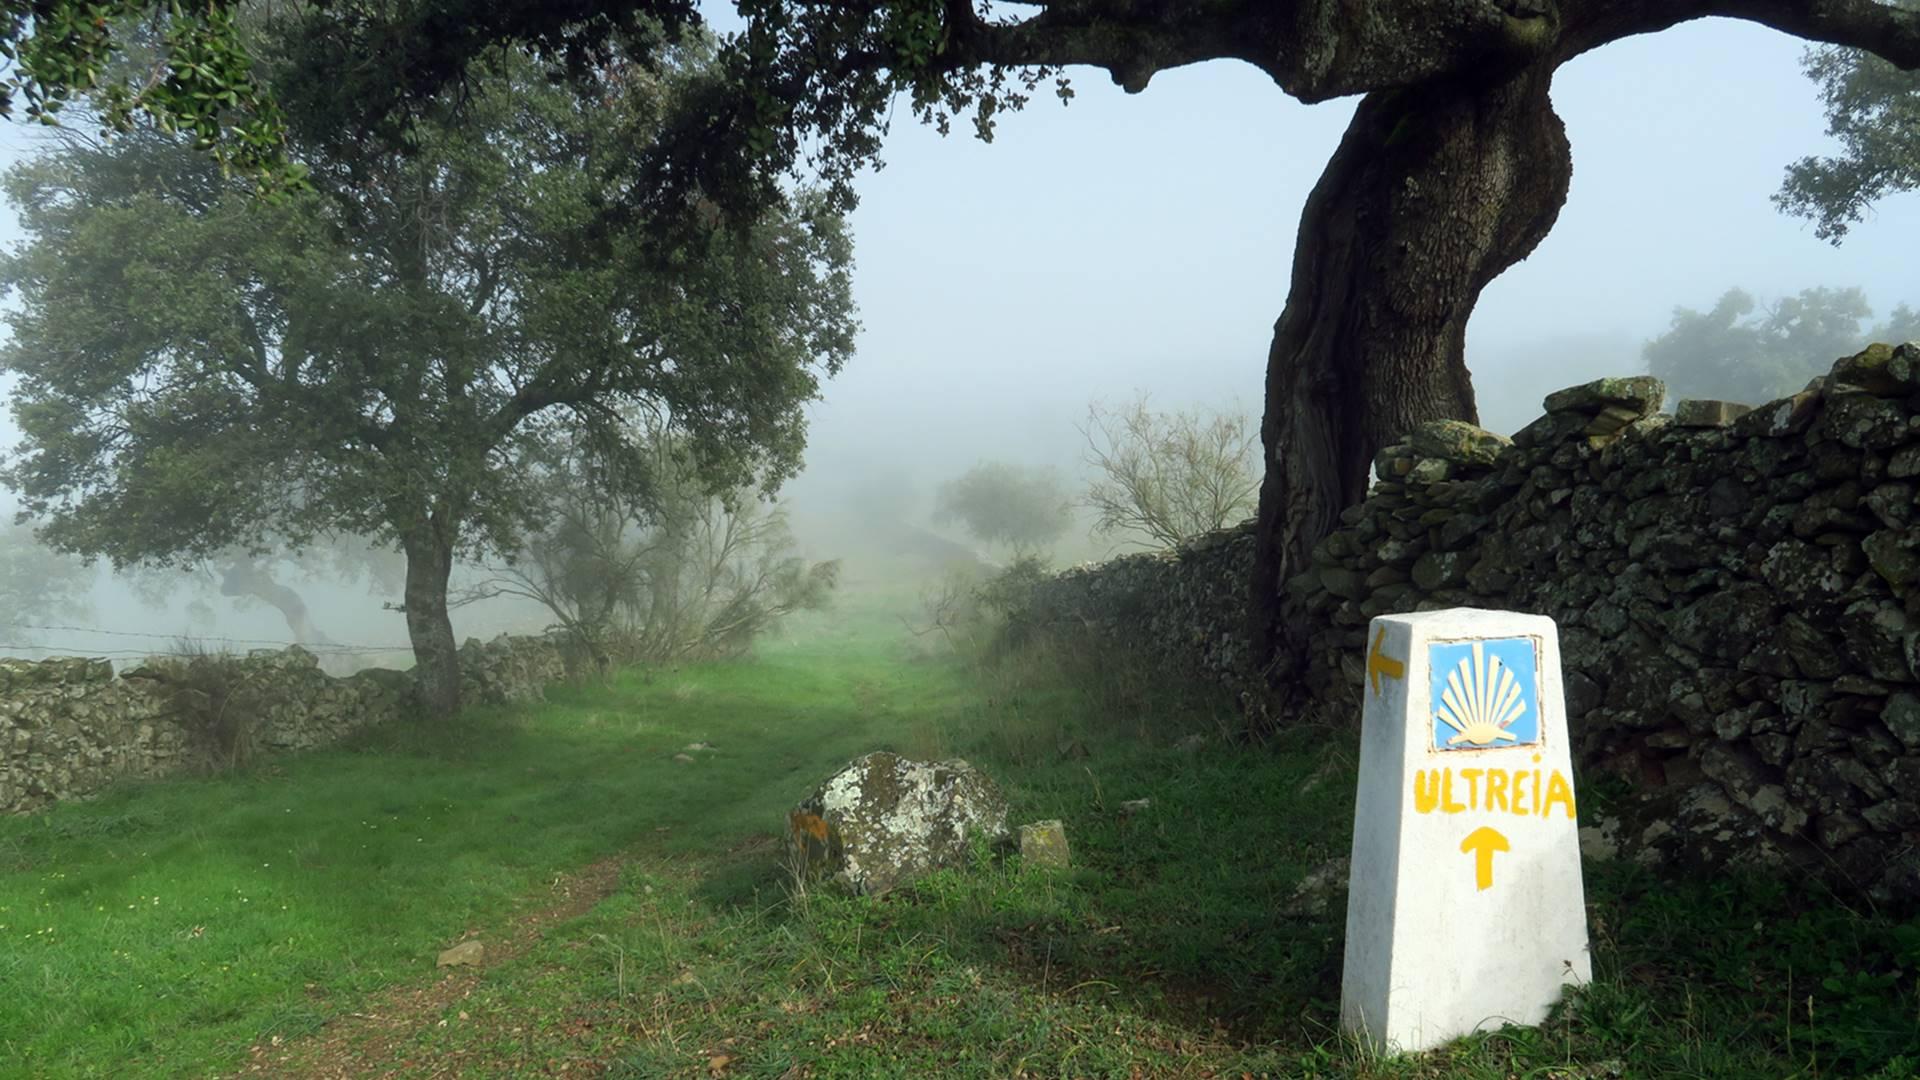 Camino del Sur - Xacobeo Experience